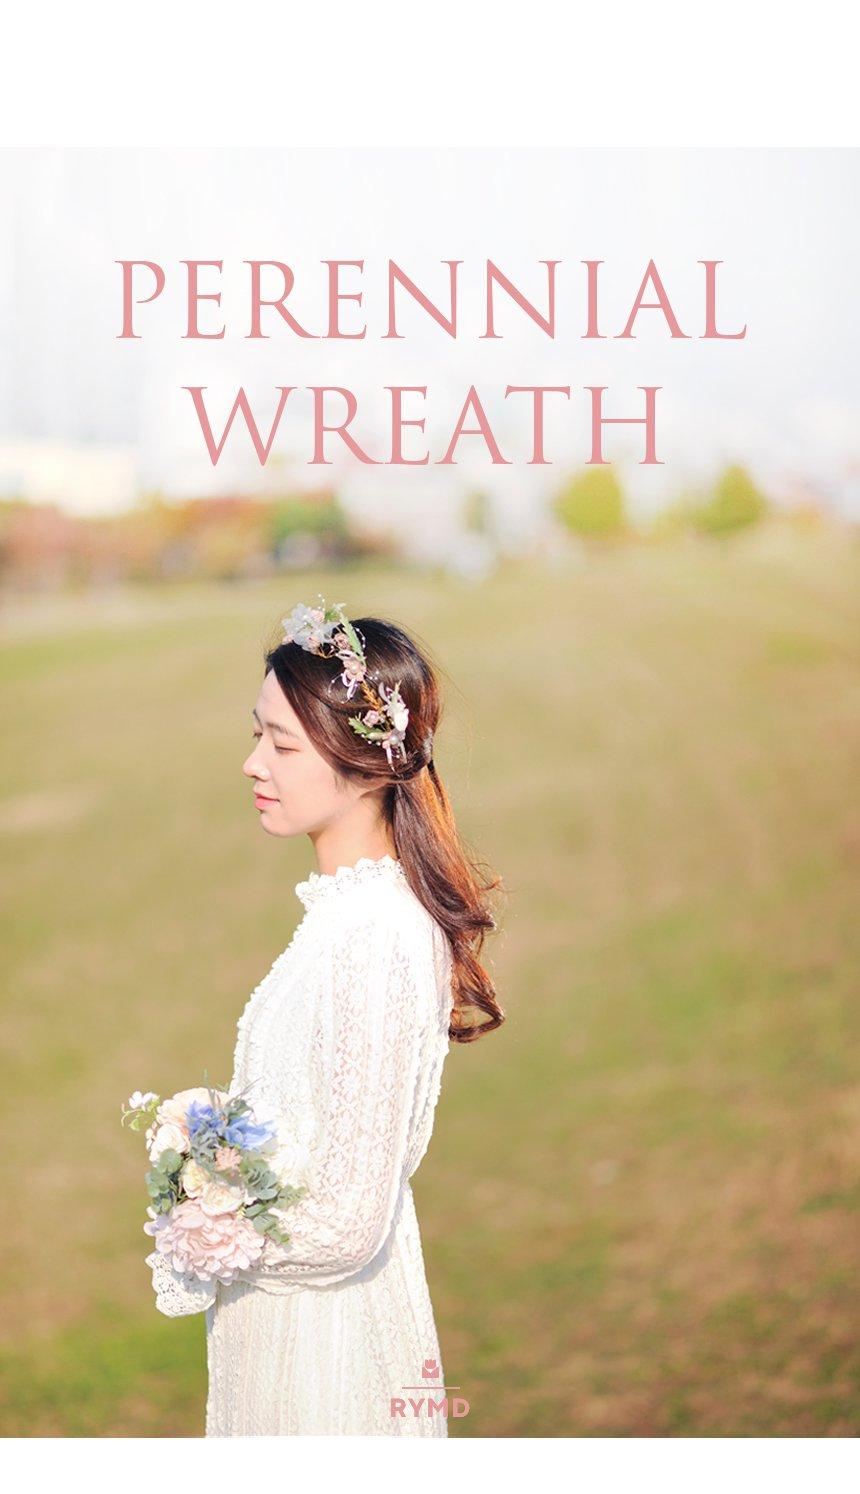 Perennial_Wreath (16).jpg